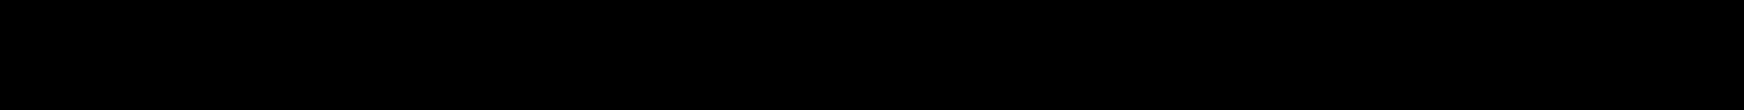 CFPanoptik-MediumOblique.otf